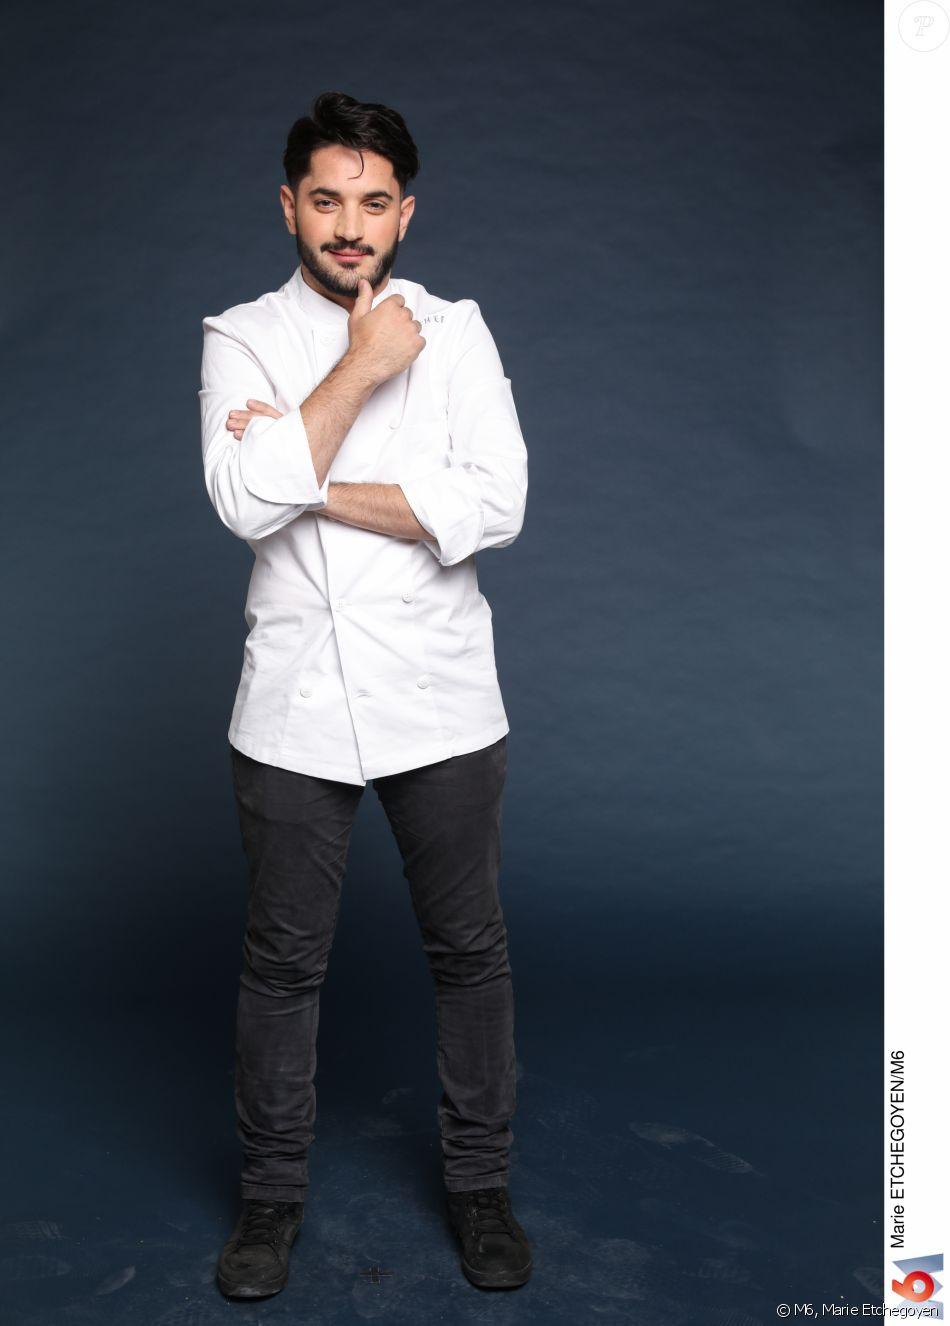 """ésultat de recherche d'images pour """"candidats top chef 2019 merouan"""""""